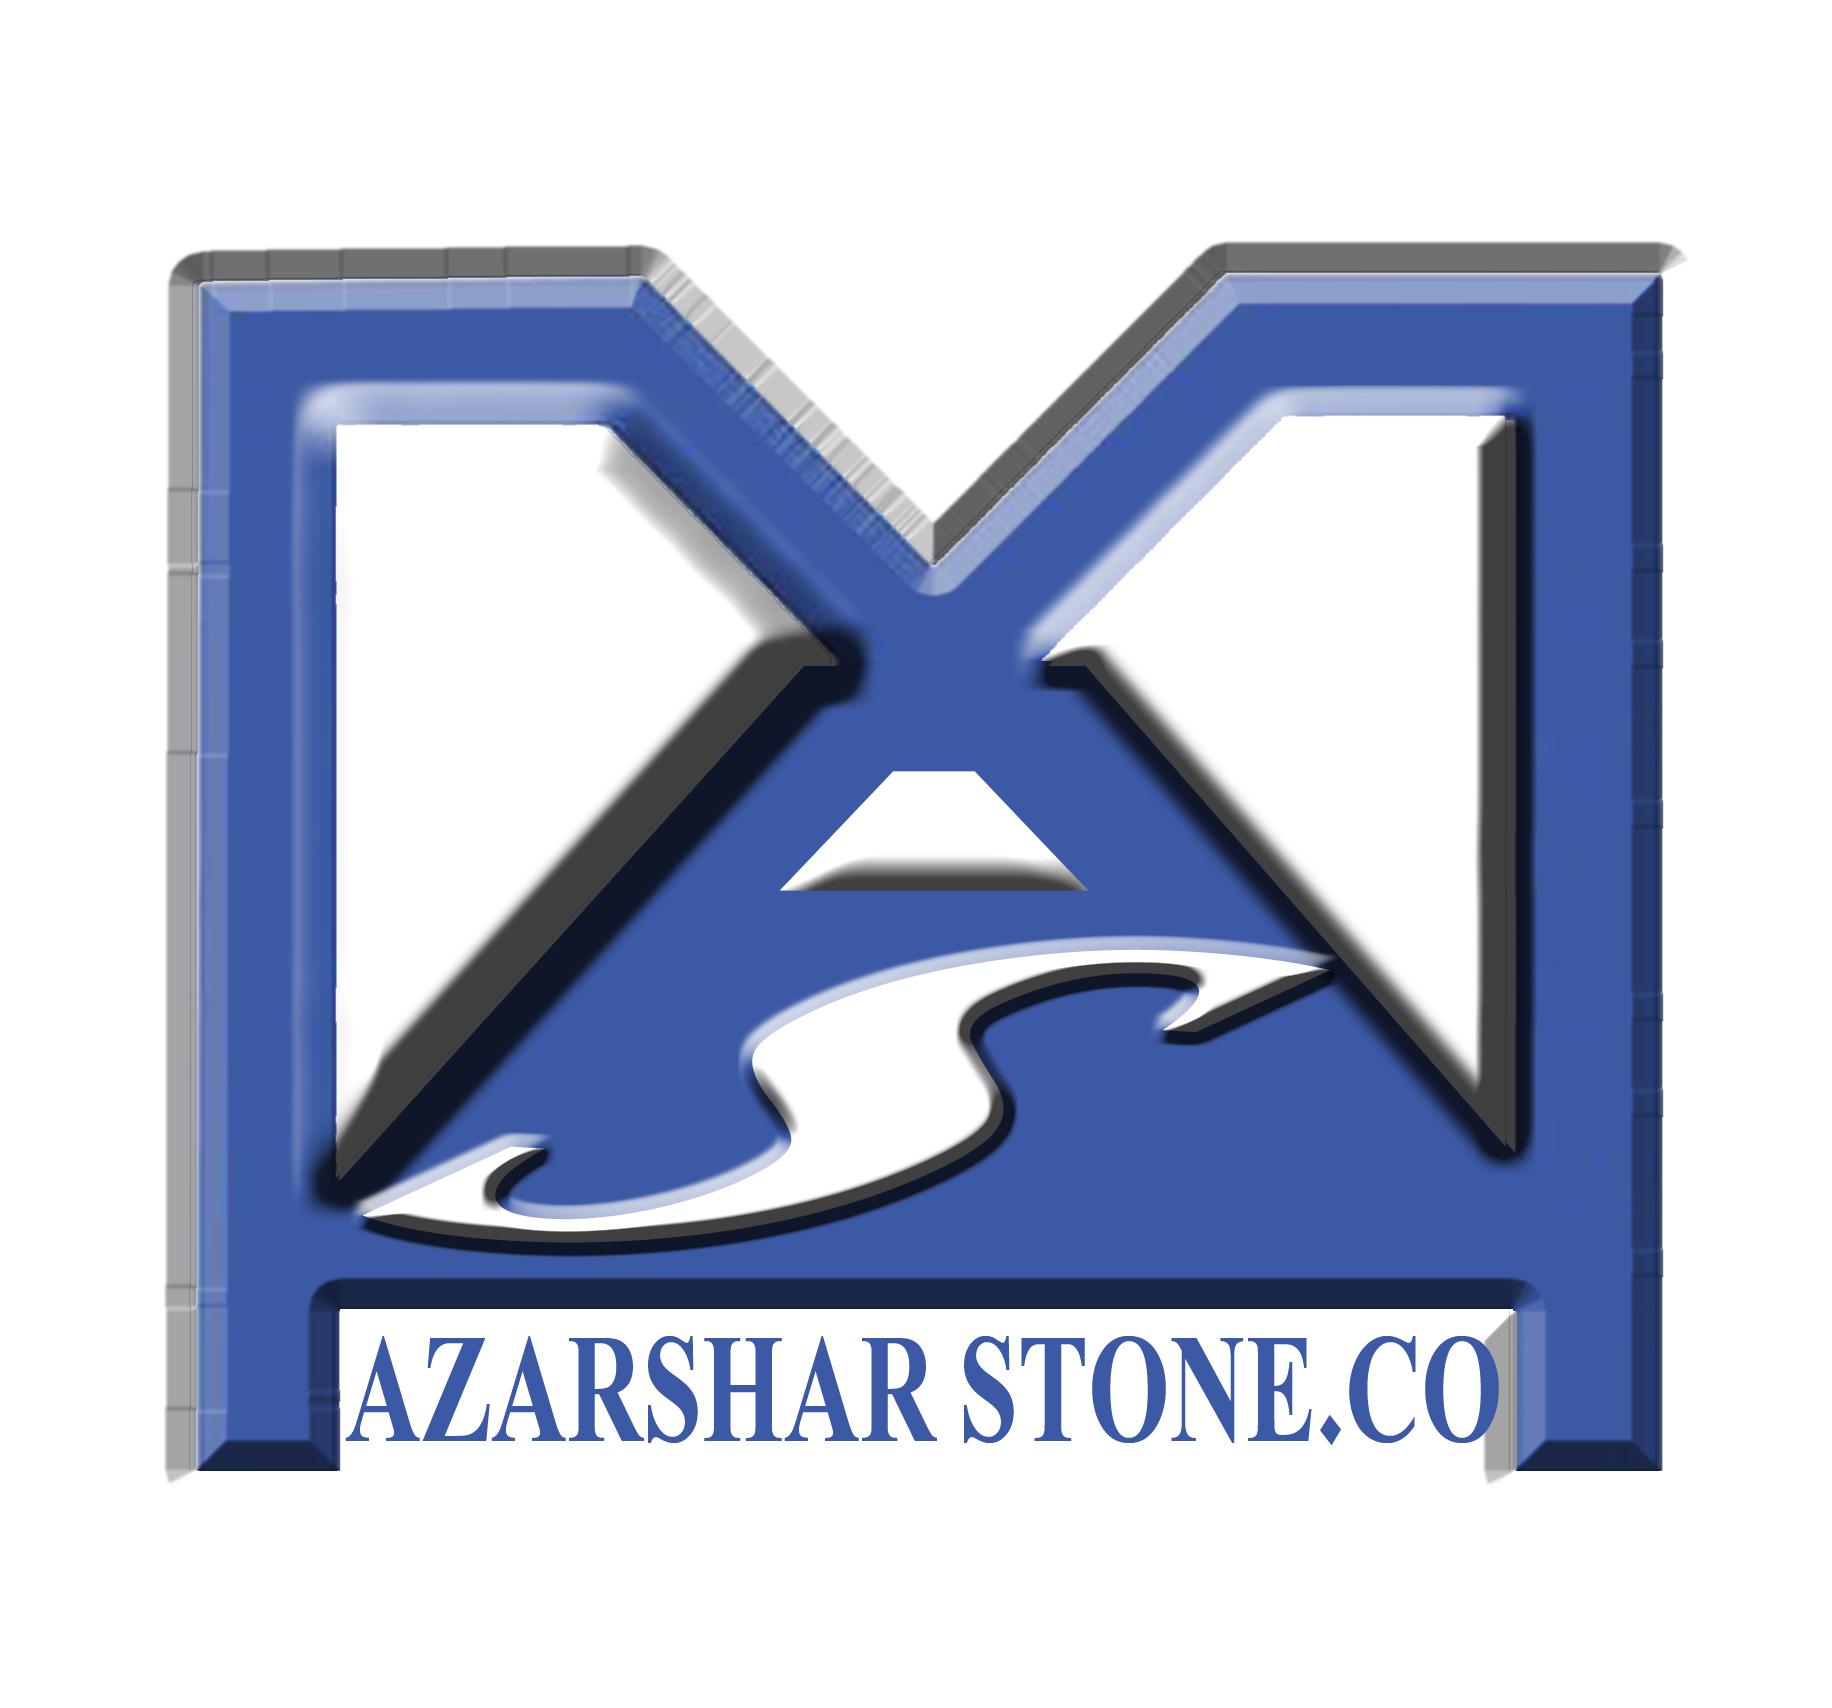 Asia Stone Co.